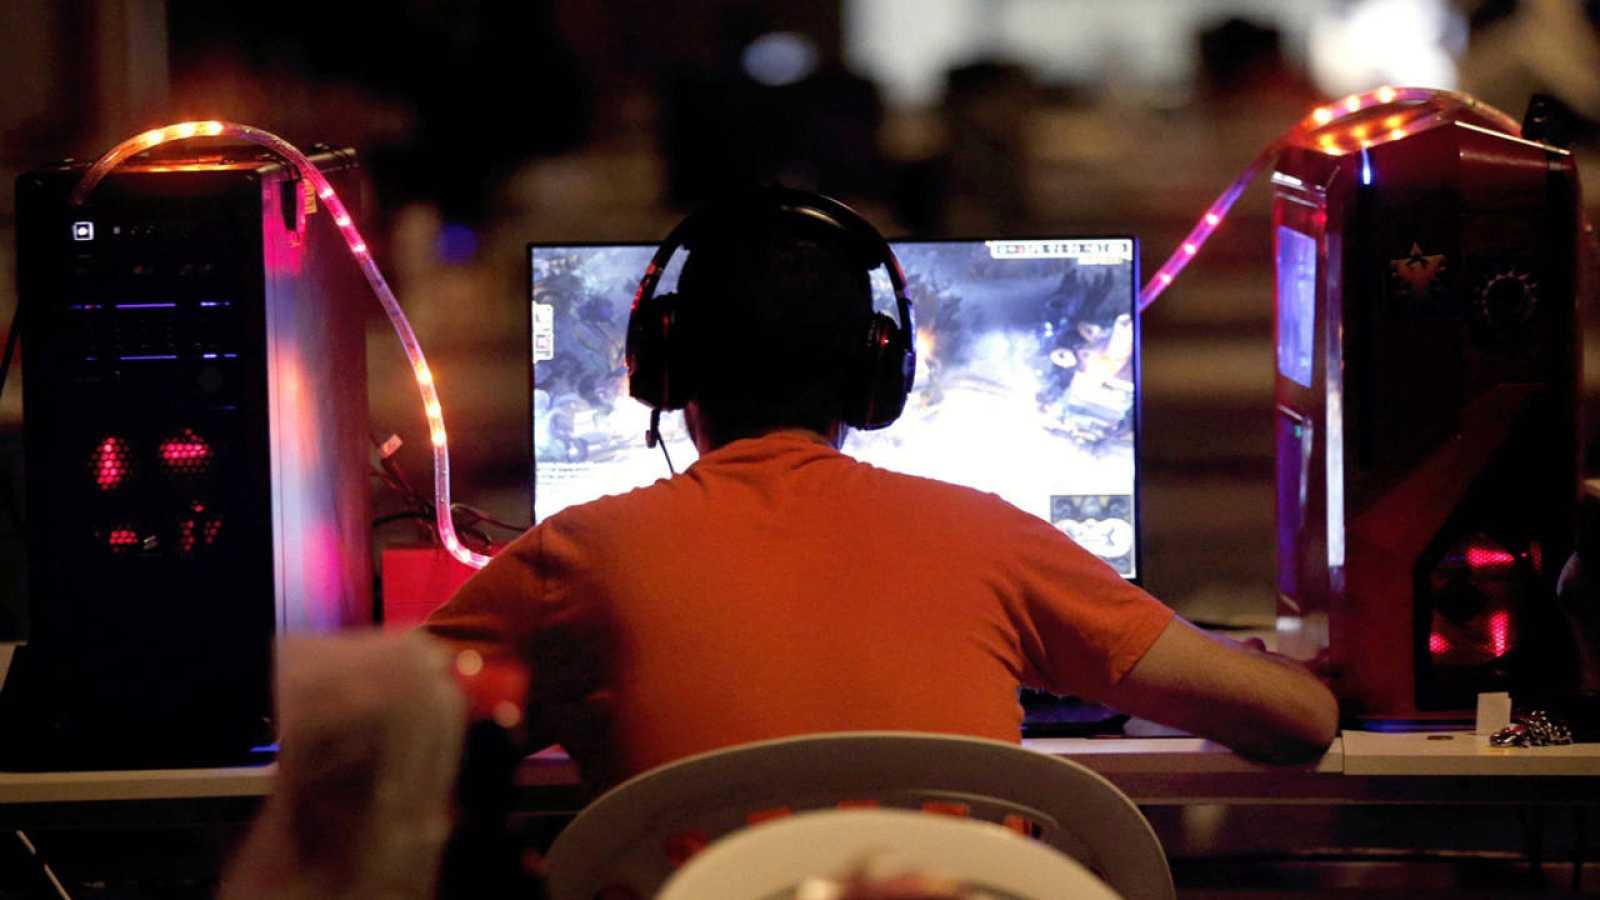 Un joven participa en Dreamhack, festival de cultura y ocio digital